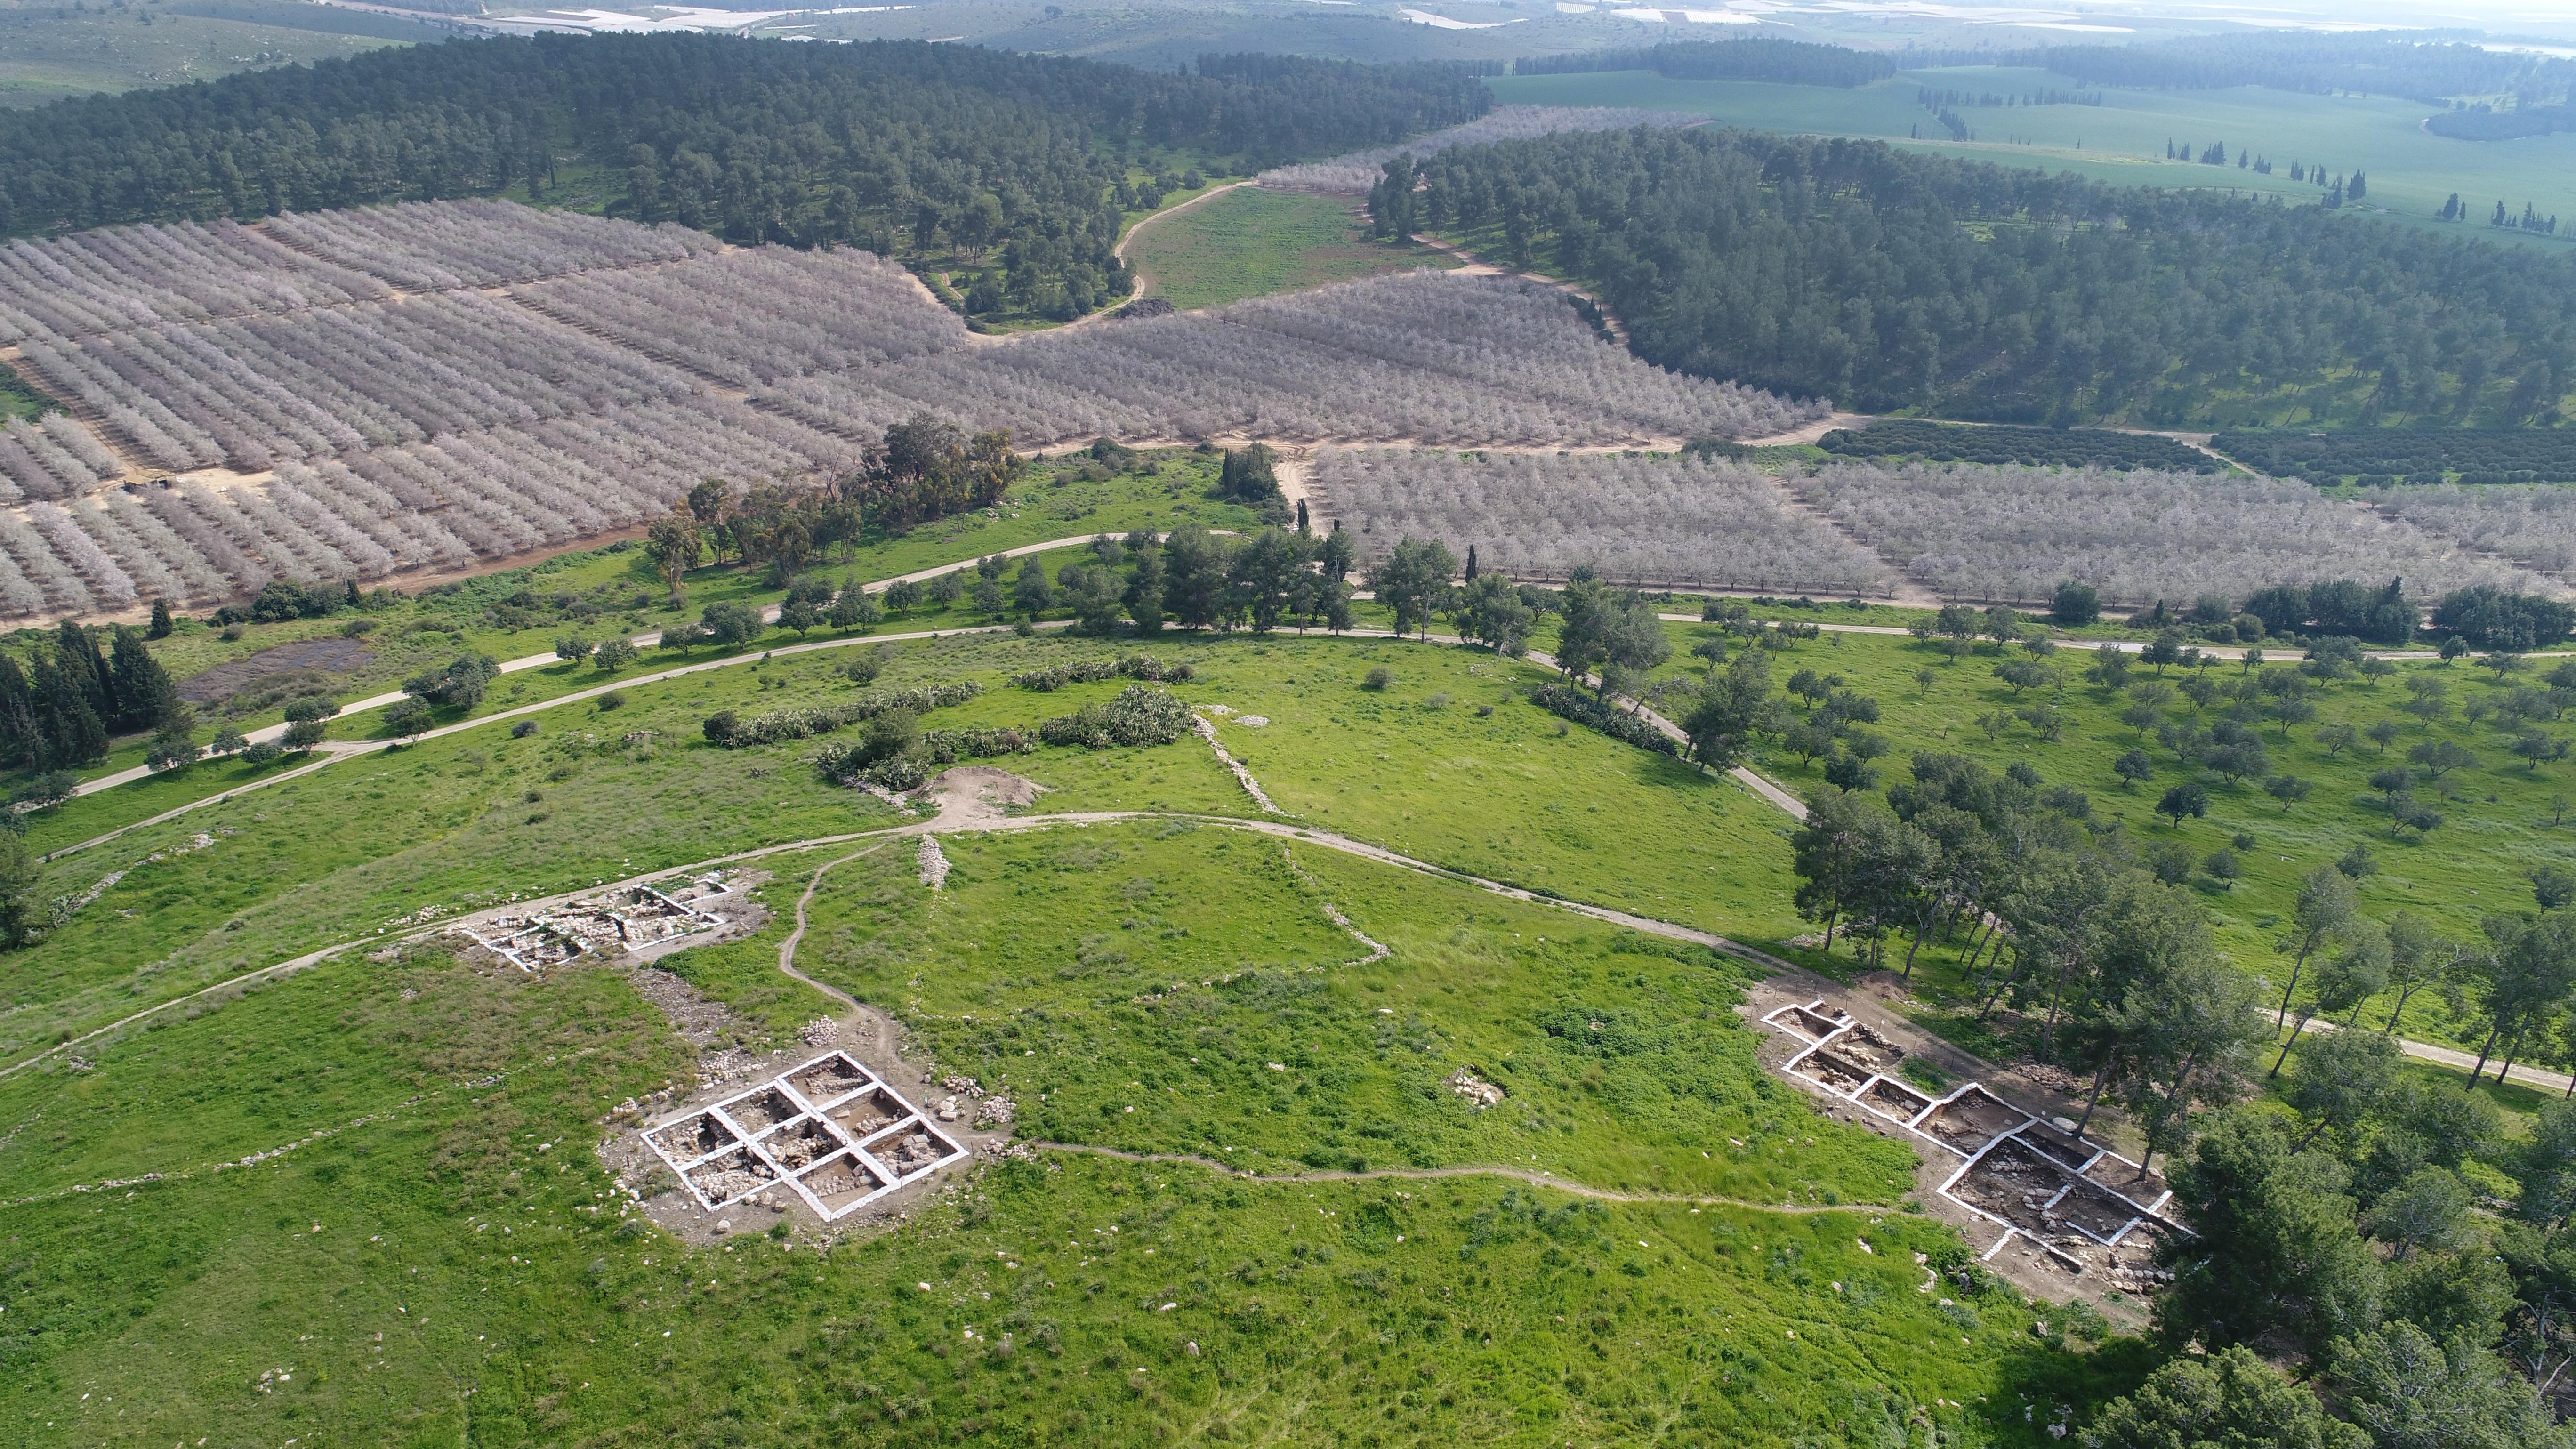 החפירה הארכיאולוגית בצקלג. צילום אוירי-אמיל אלגם